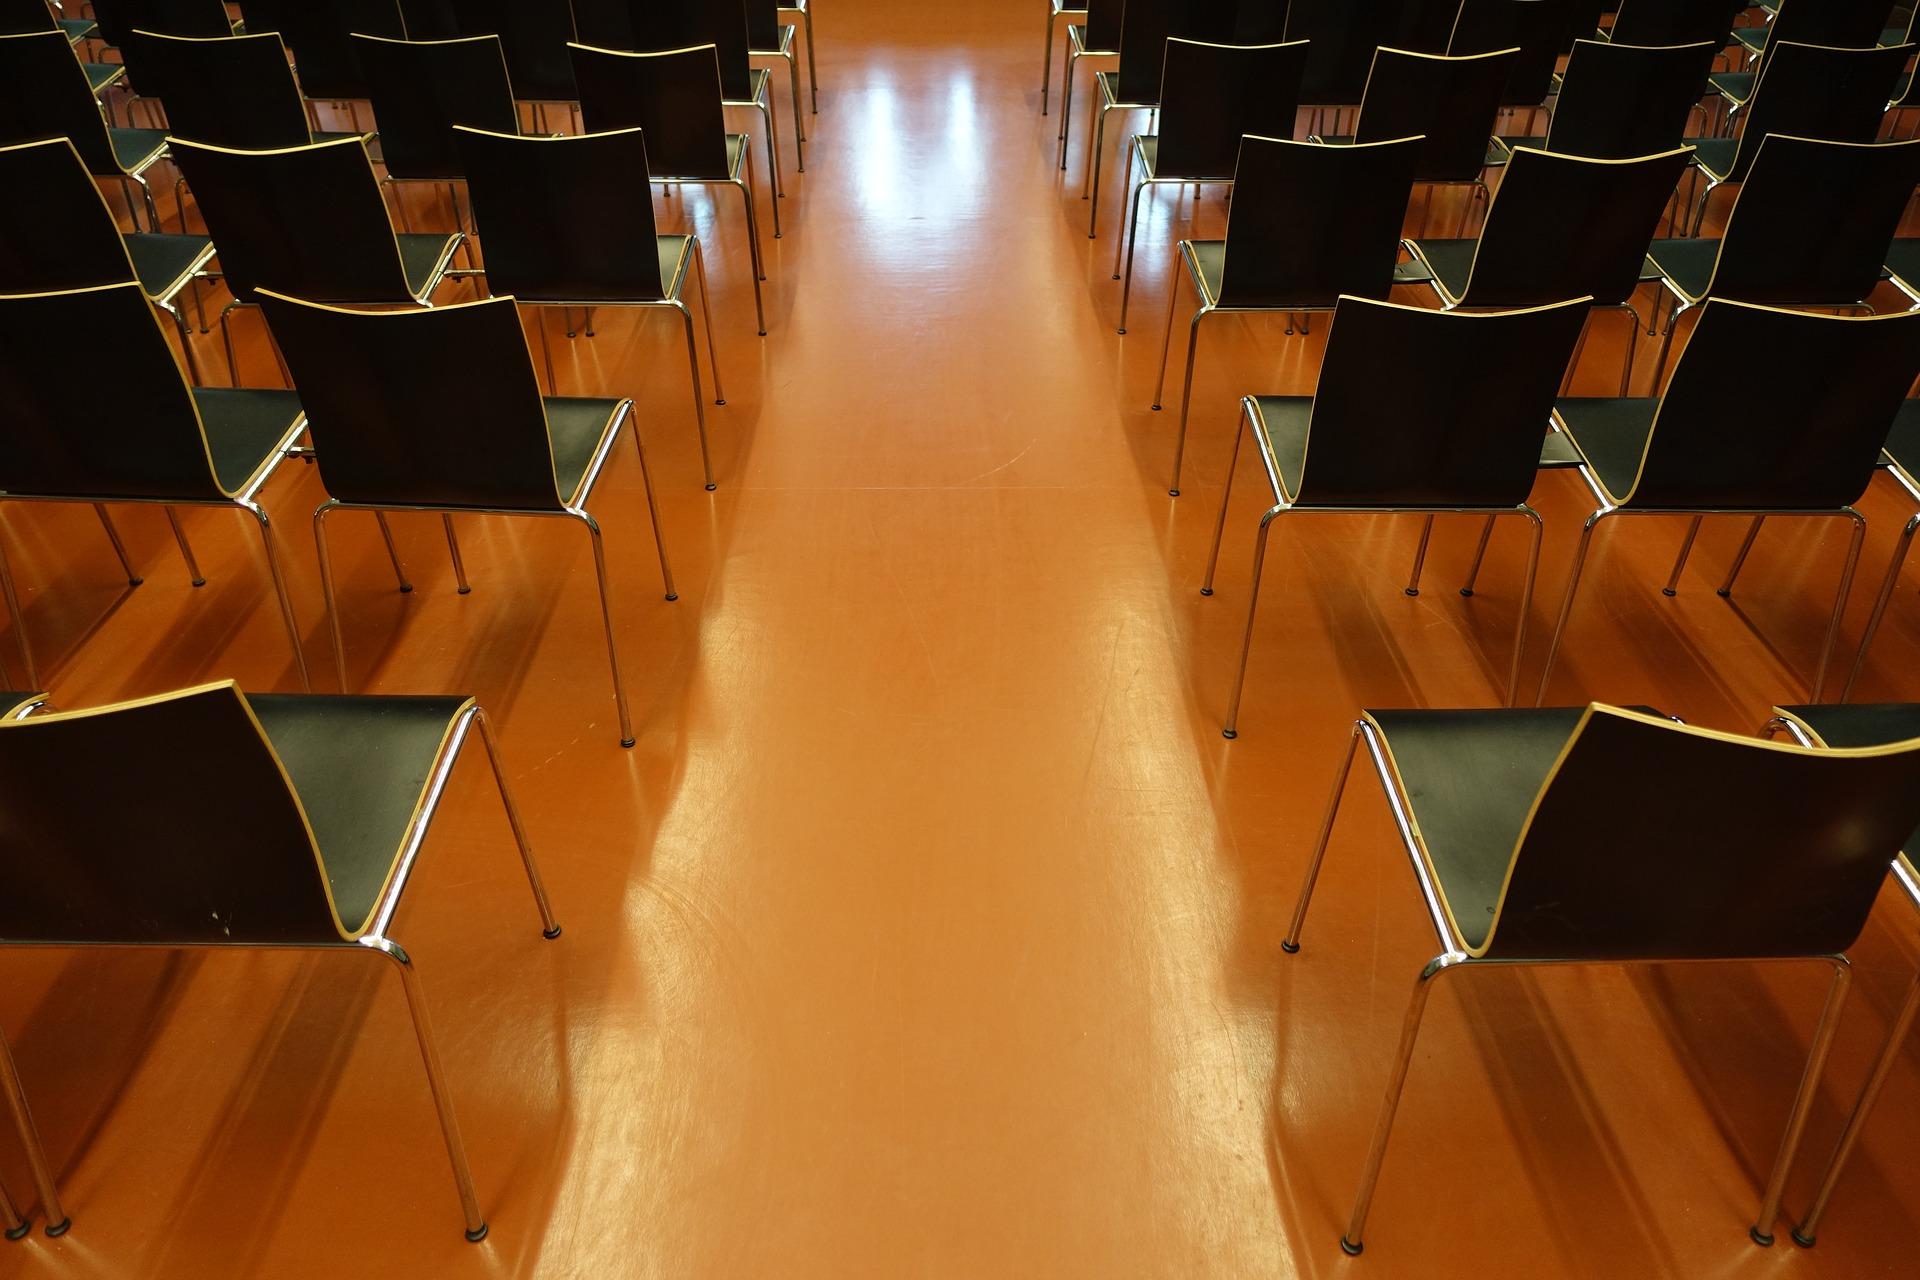 Auditorium 2488359 1920